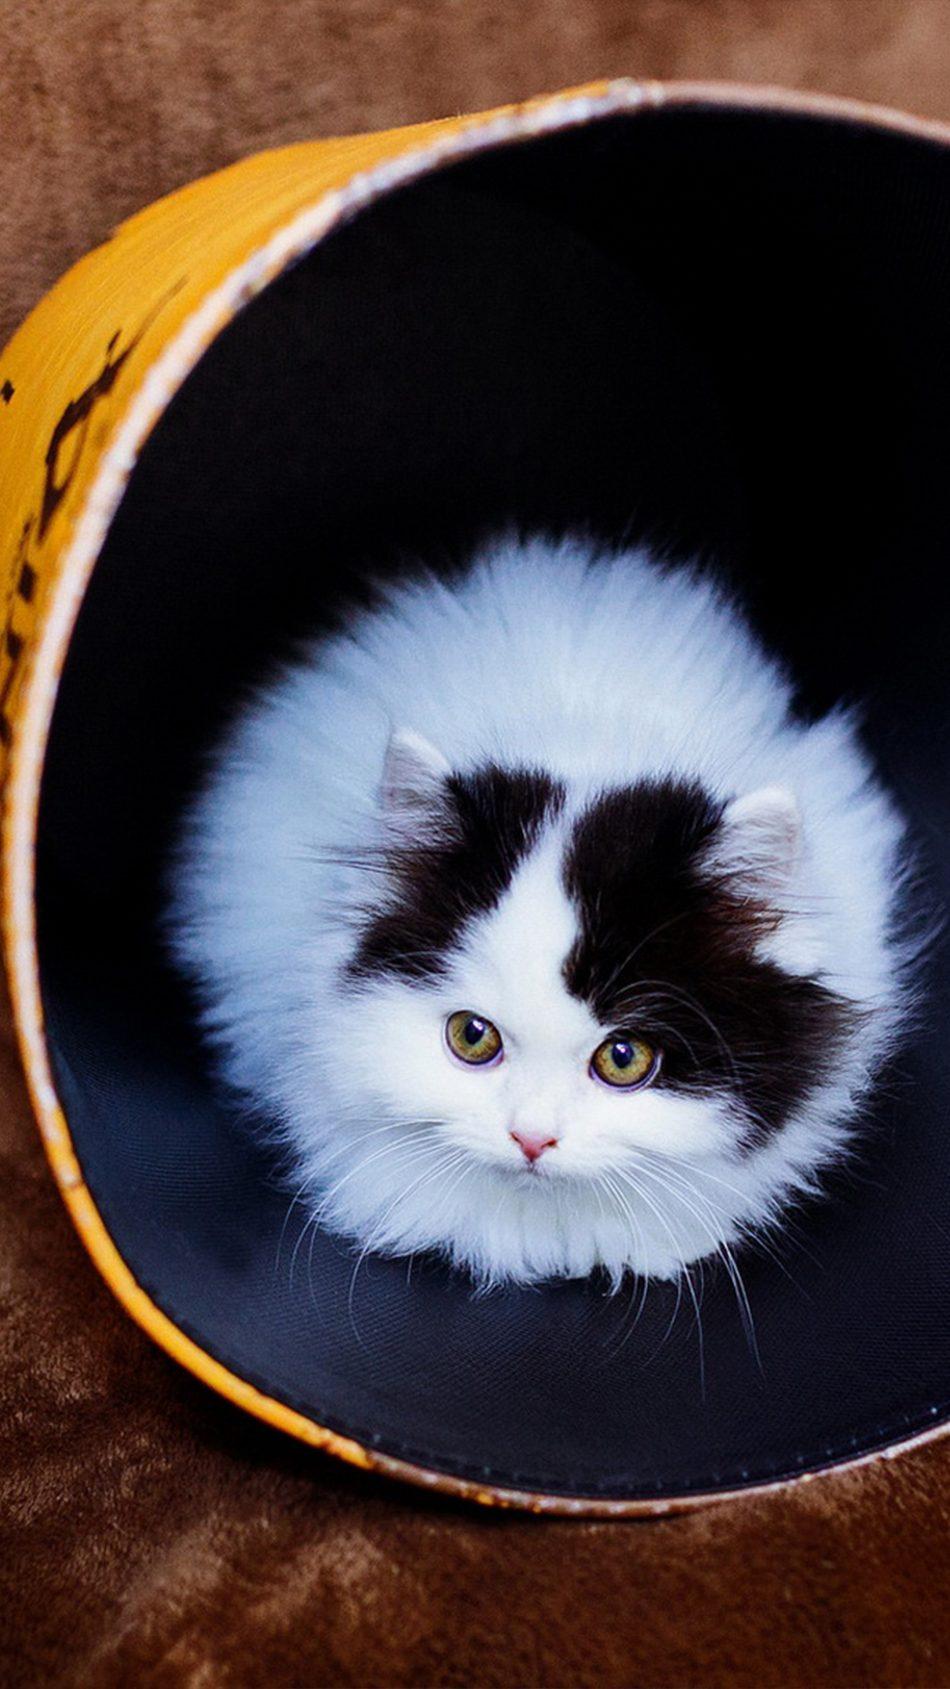 Tiny Cat Big Cup 4k Ultra Hd Mobile Wallpaper